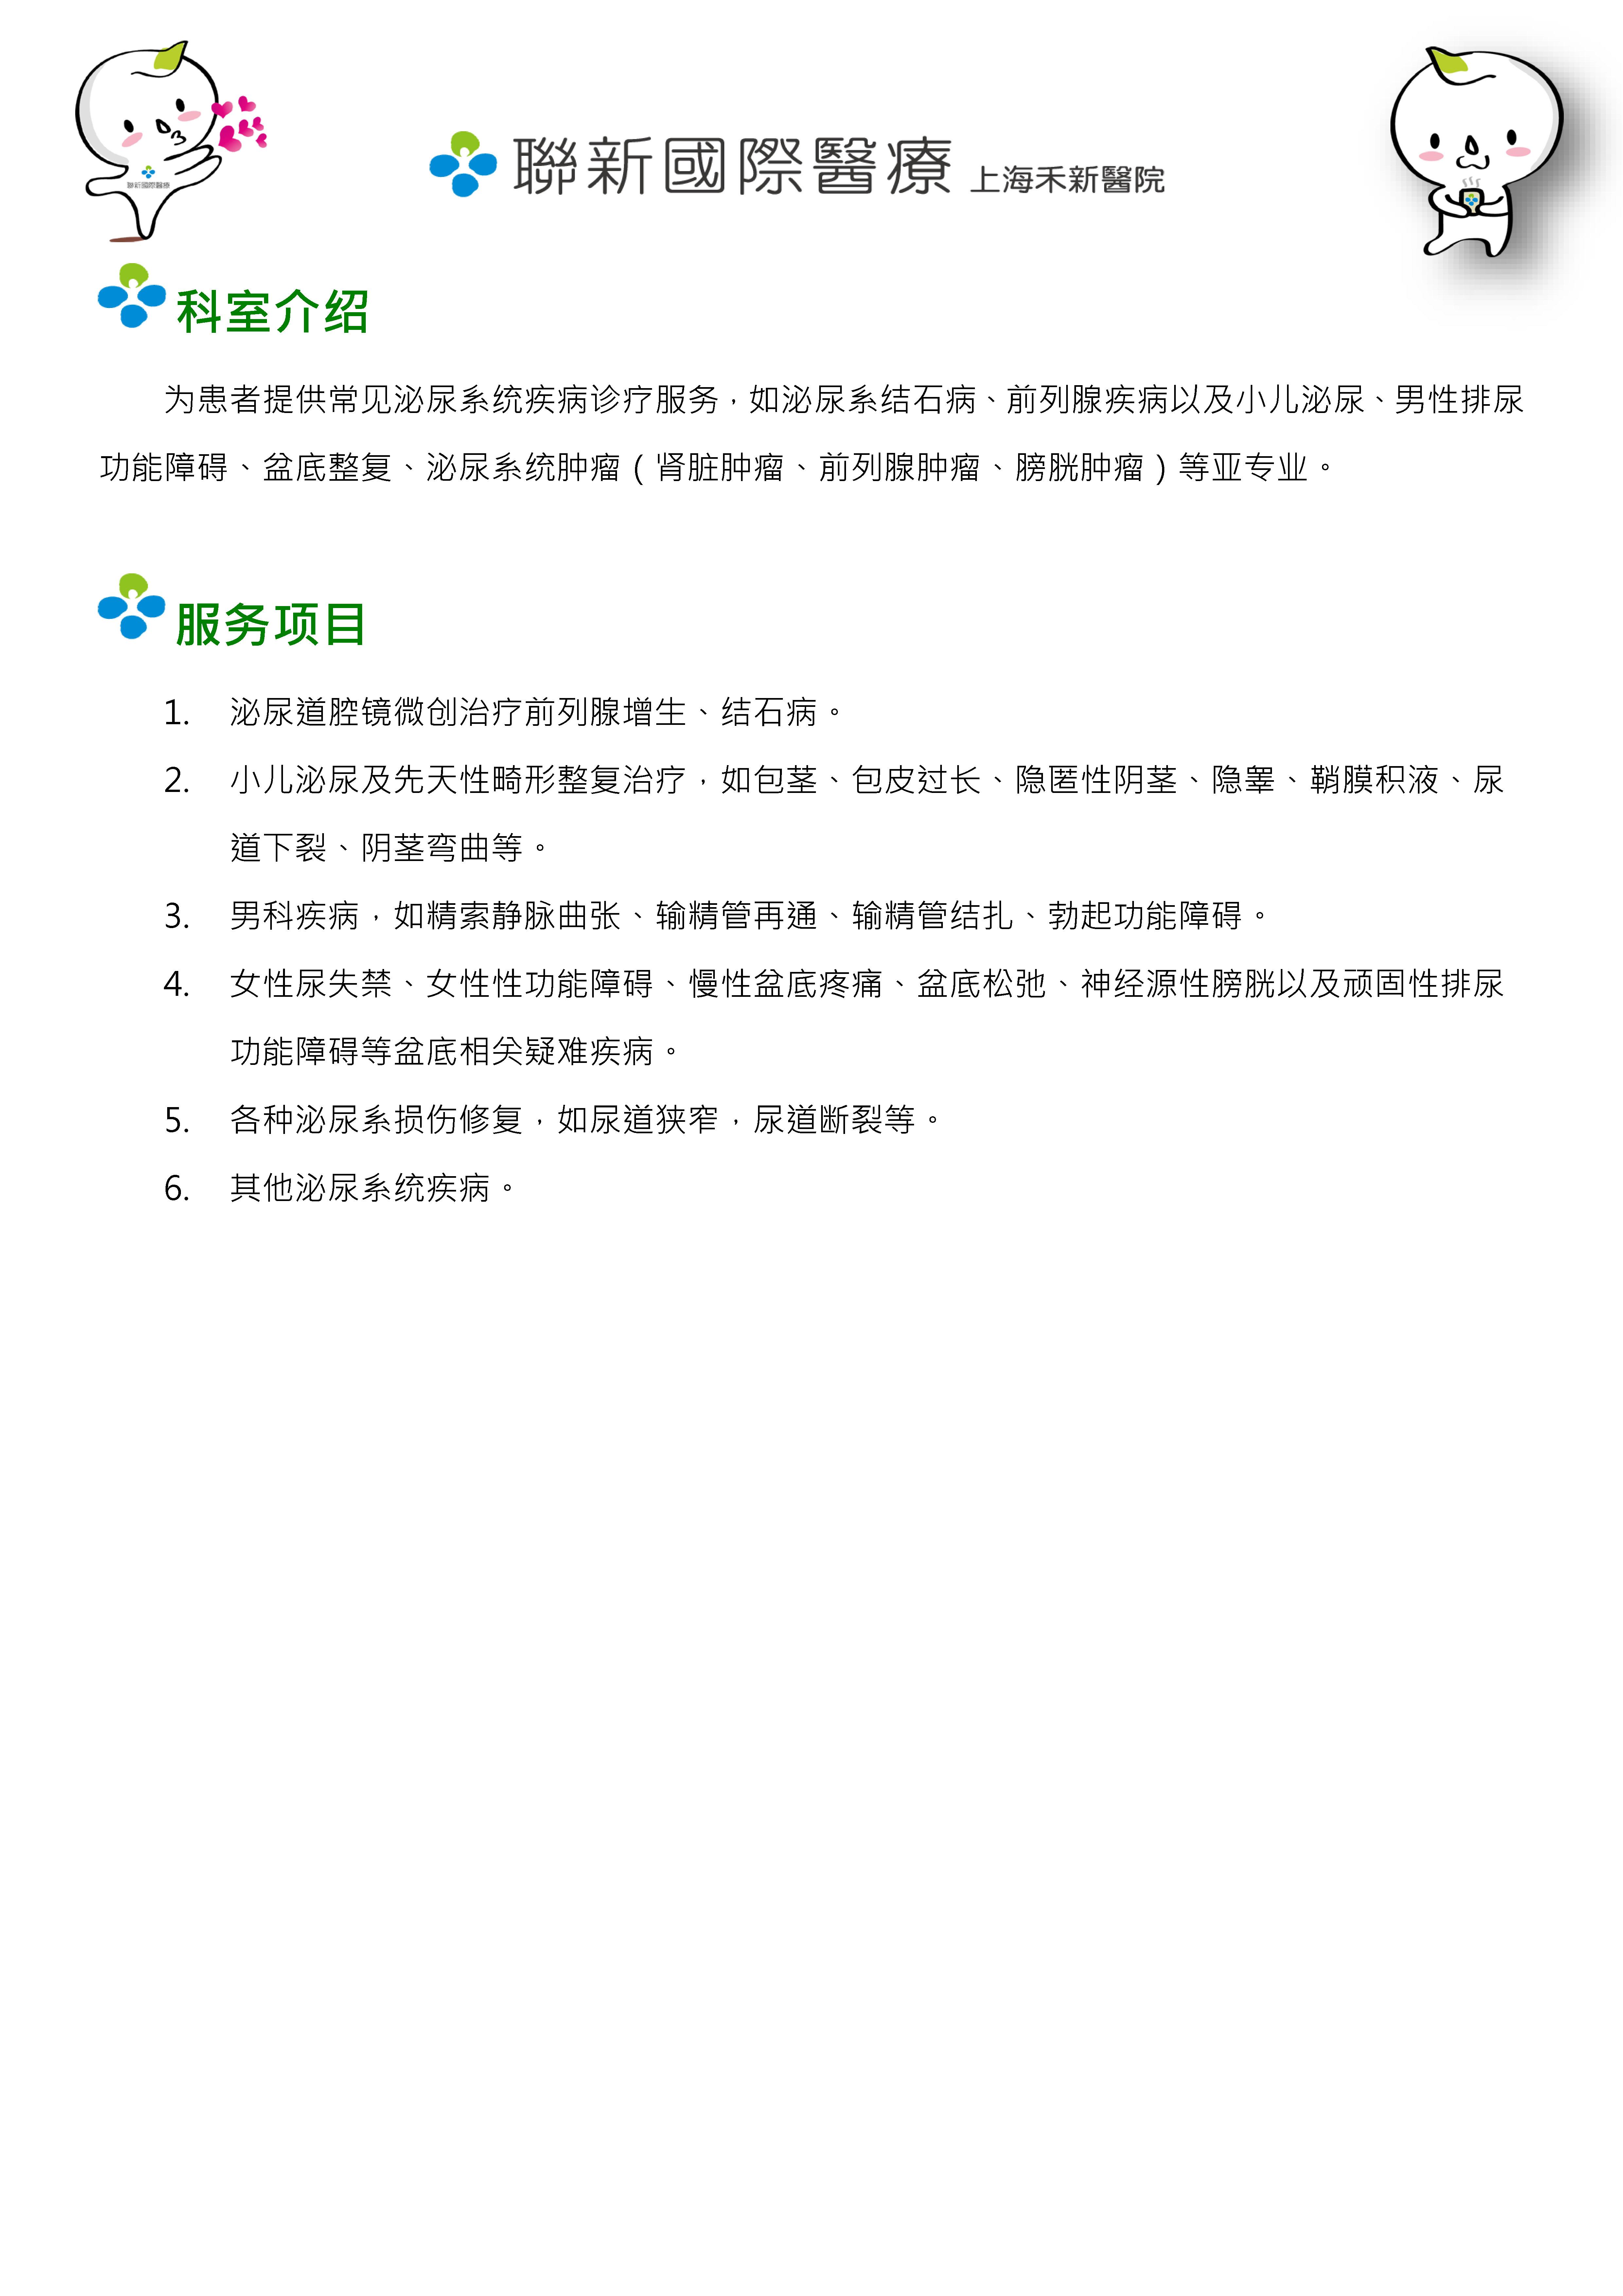 上海禾新醫院 ─ 泌尿外科